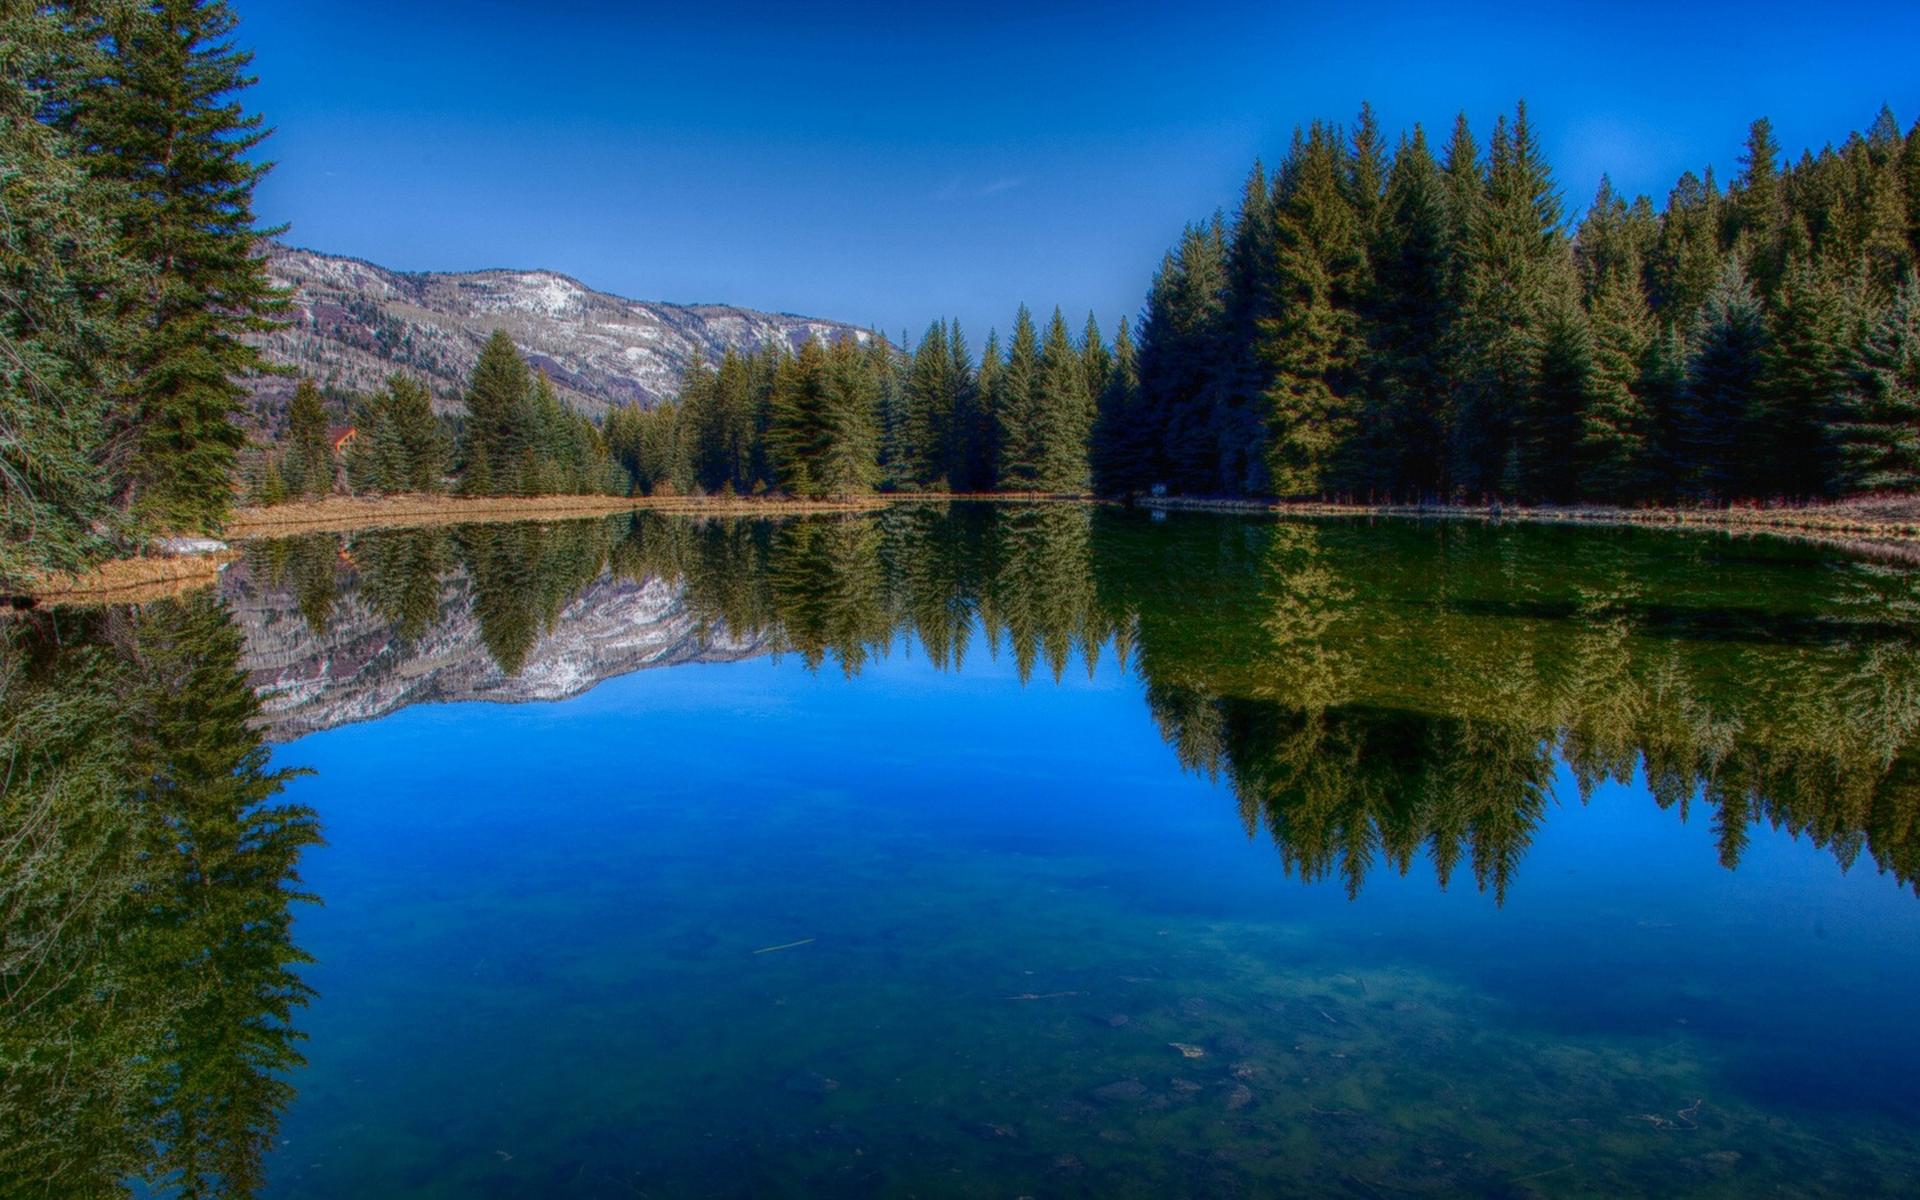 свои красивые картинки озеро лес местонахождение господина